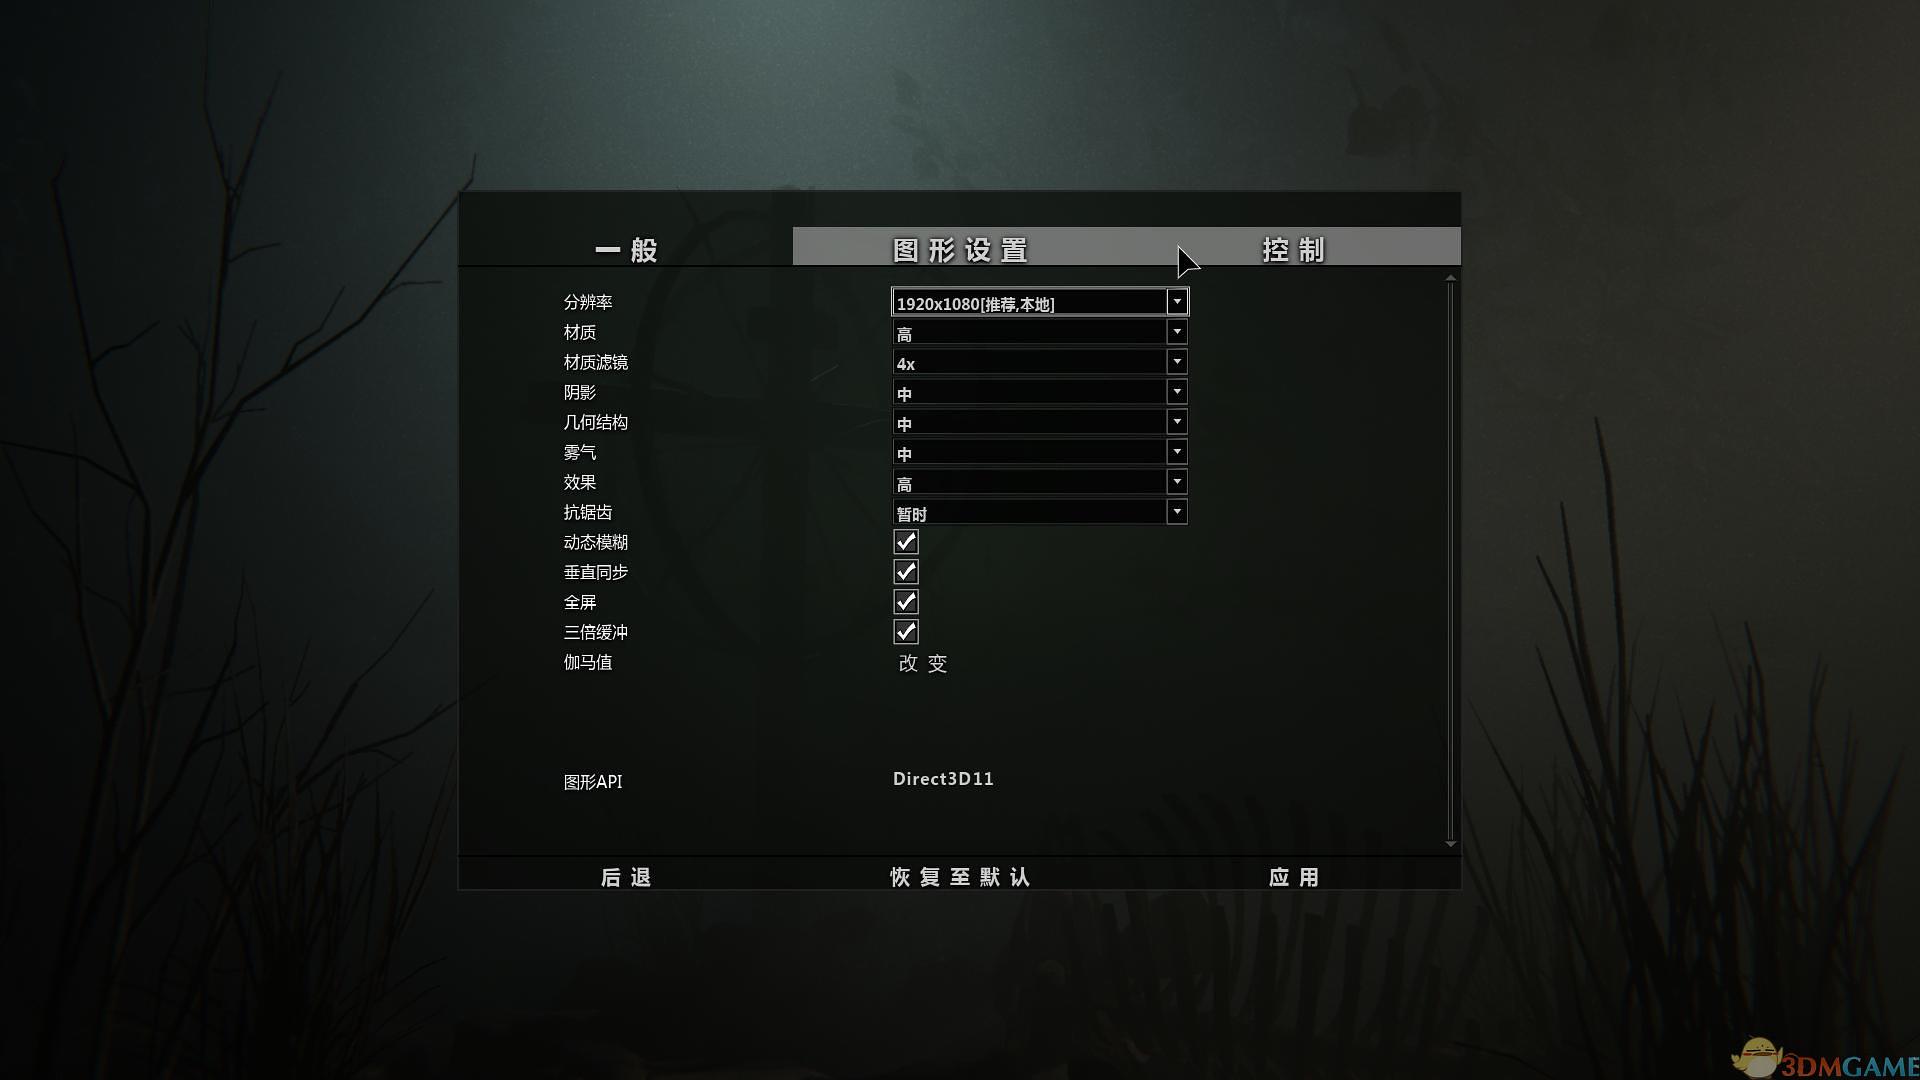 逃生2 正式版 1号升级档+未加密补丁[3DM]